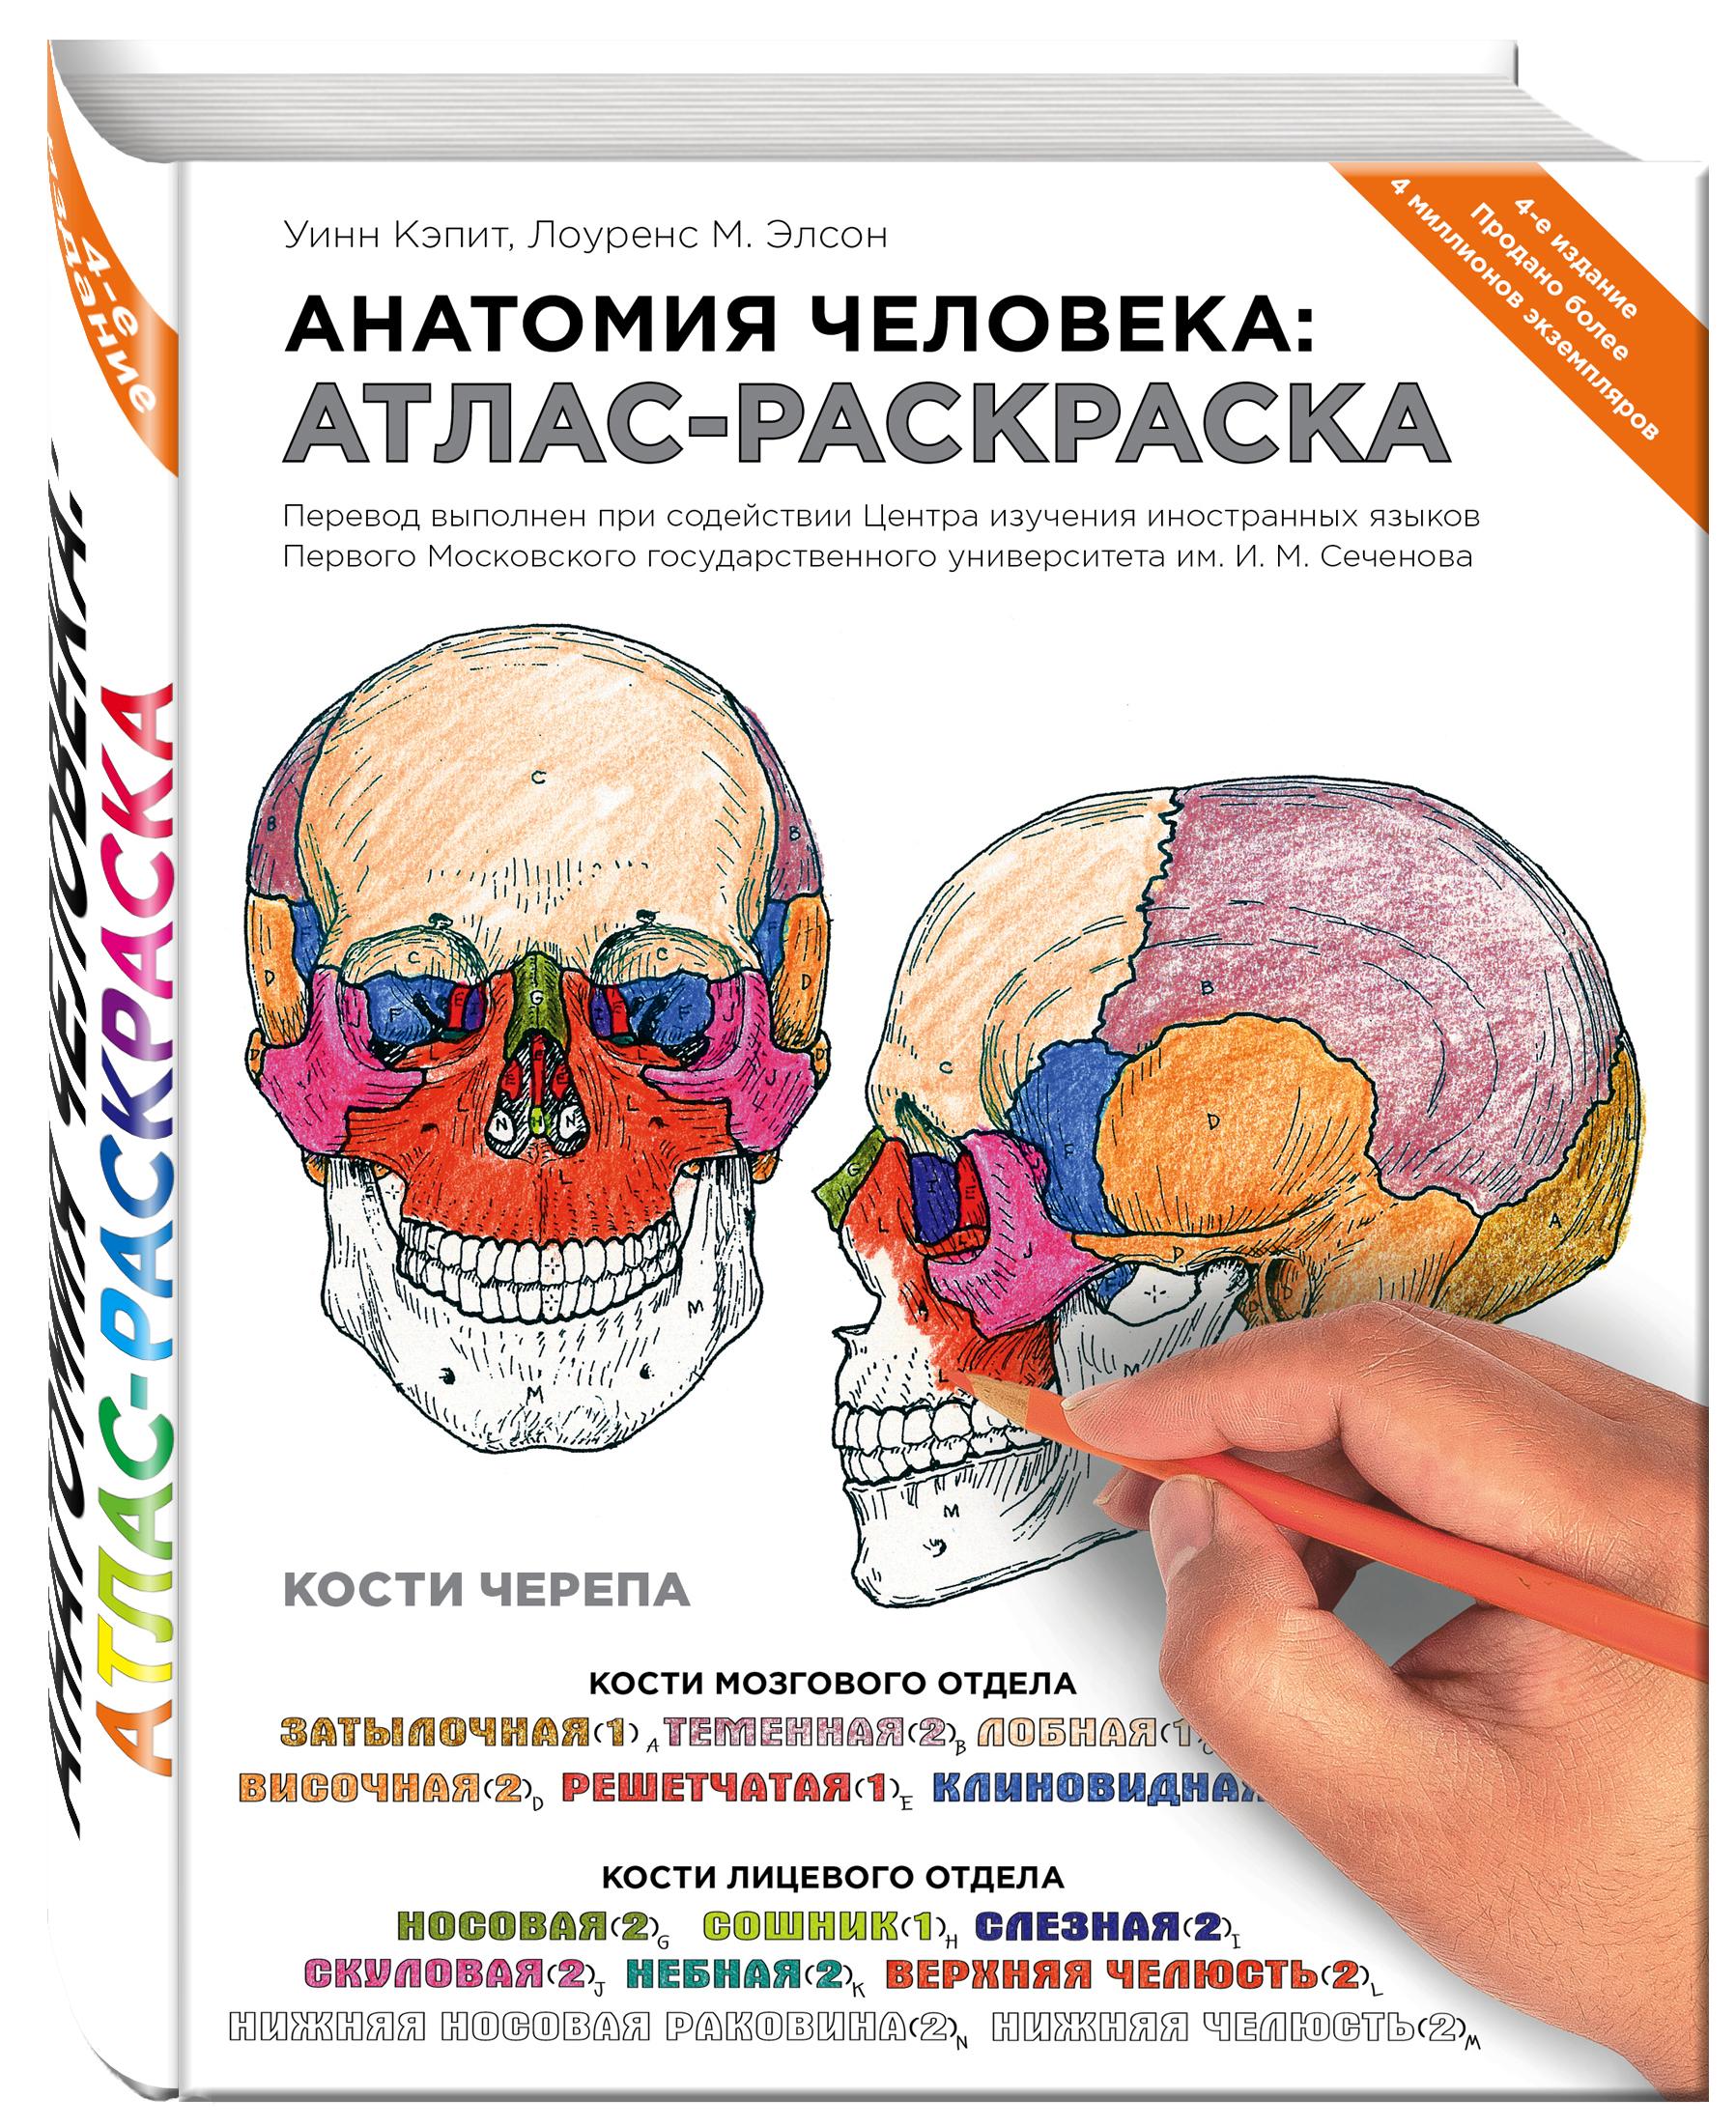 Элсон Л., Кэпит У. Анатомия человека: атлас-раскраска с л кабак морфология человека